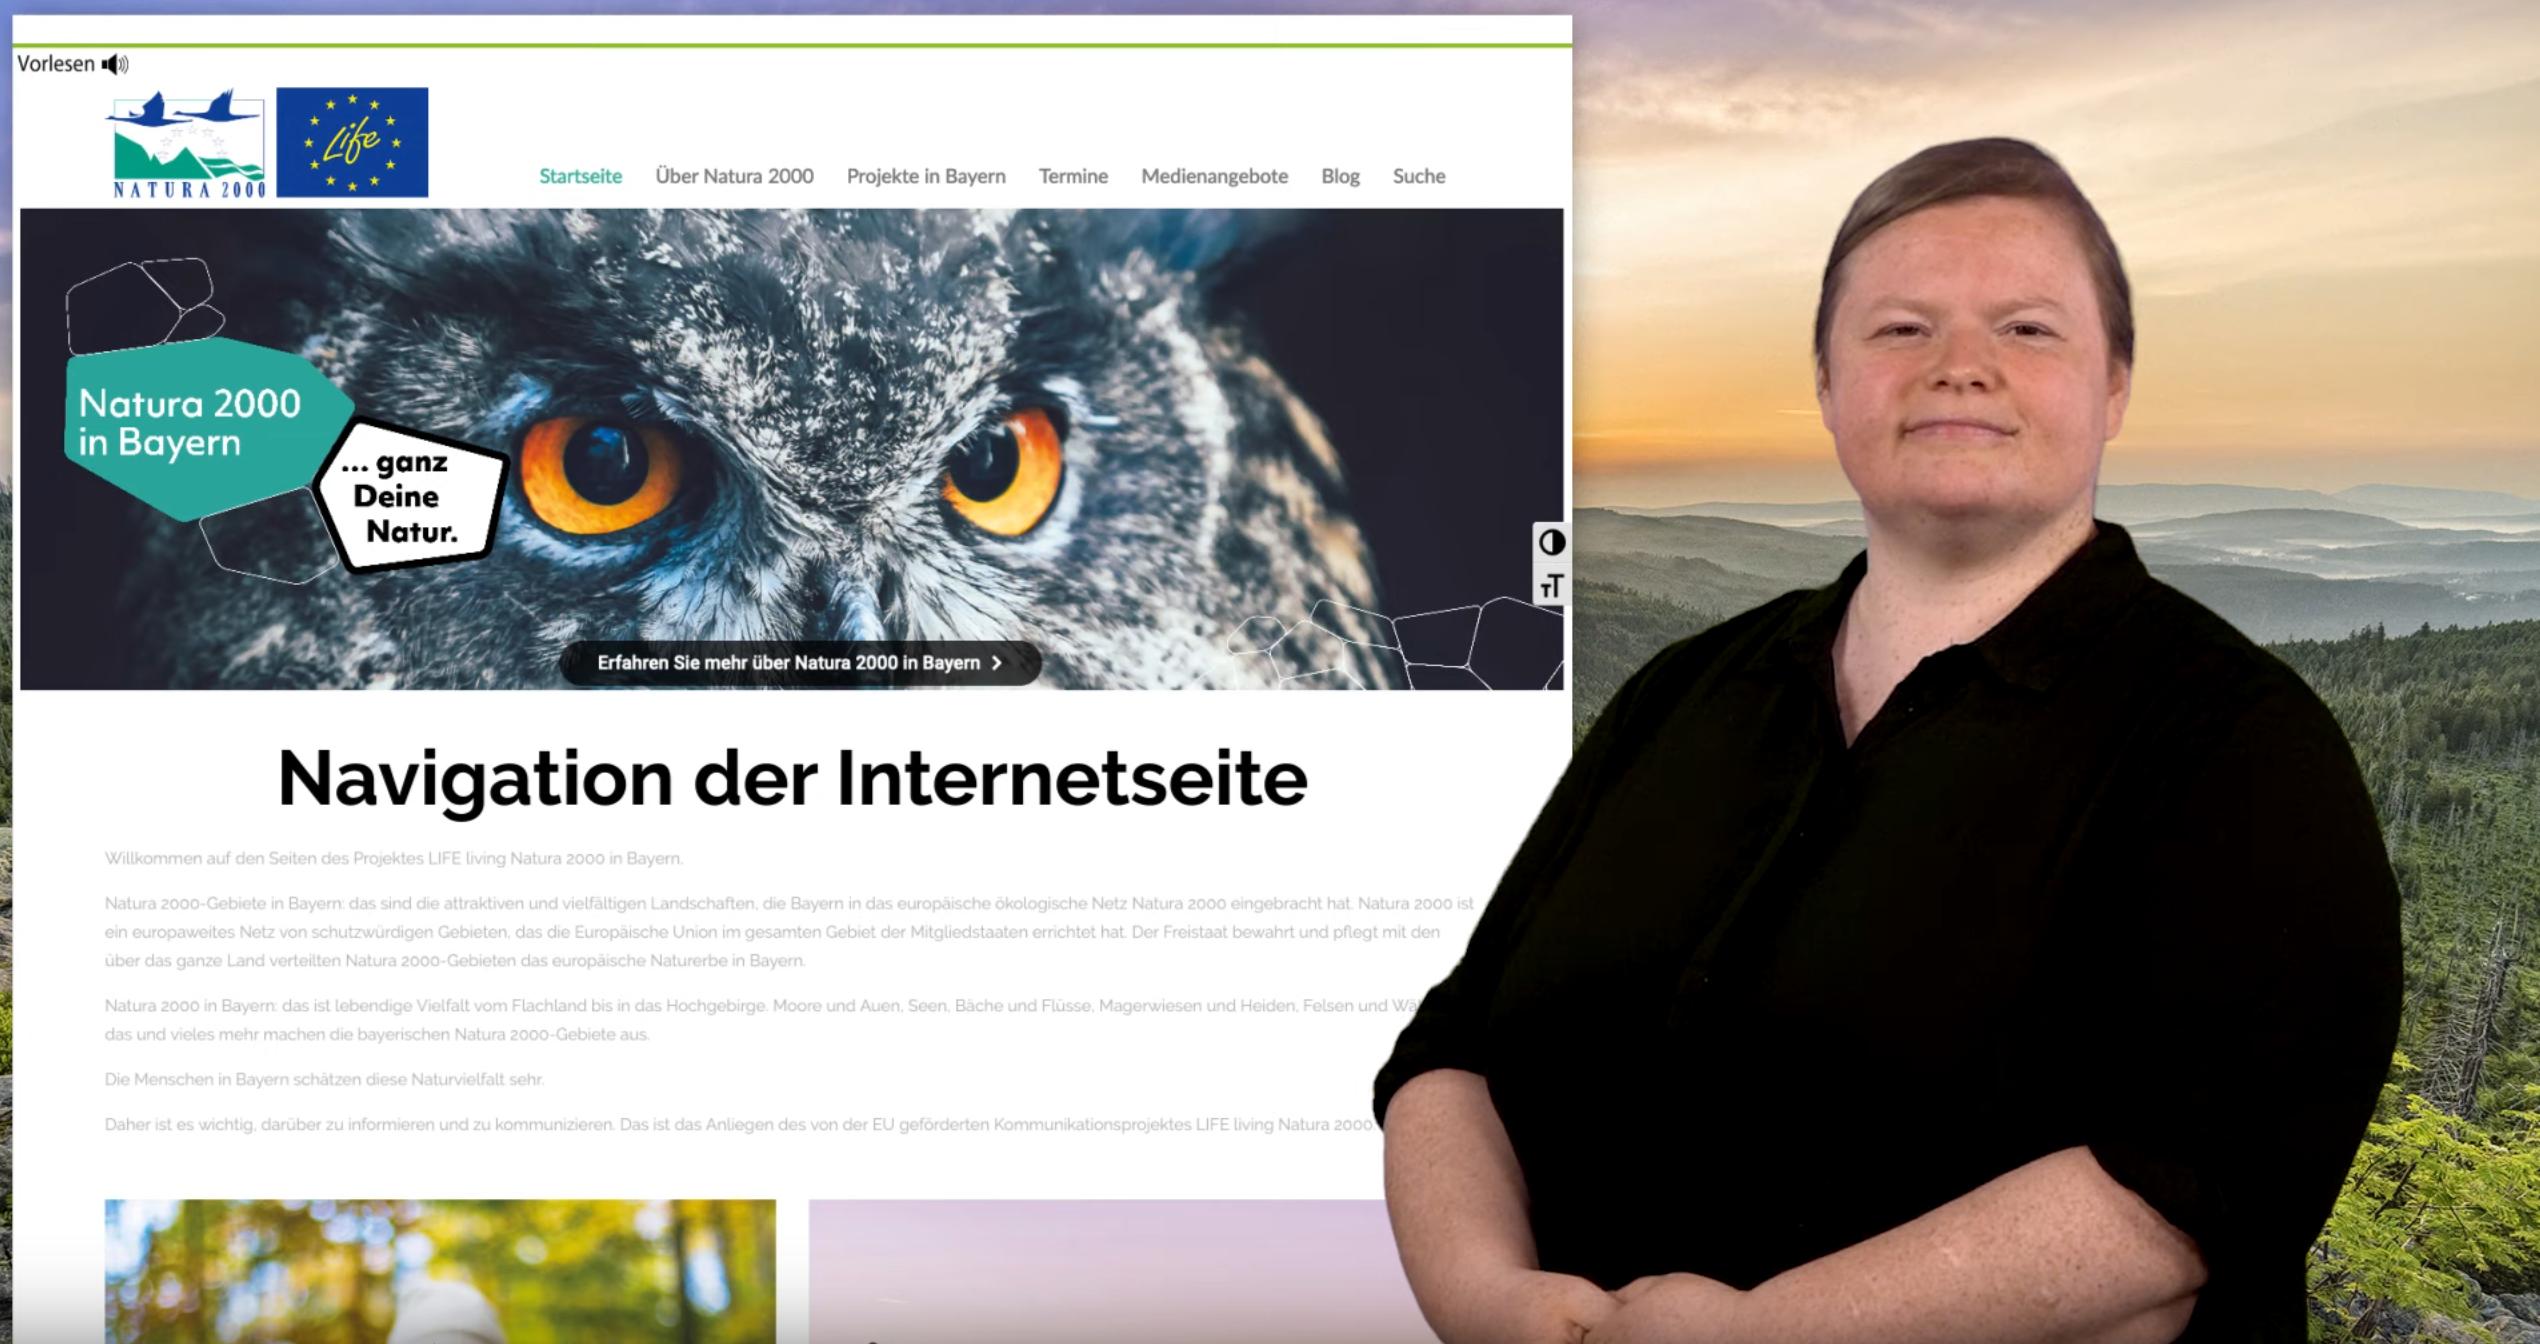 Im rechten Hintergrund iste ein weiter Blick auf eine Hügellandschaft gegeben, auf der linken Seite ist die Website von Natura2000 mit der Beschriftung Navigation der Internetseite abgebildet. Im Vordergrund ist eine Person zu sehen.